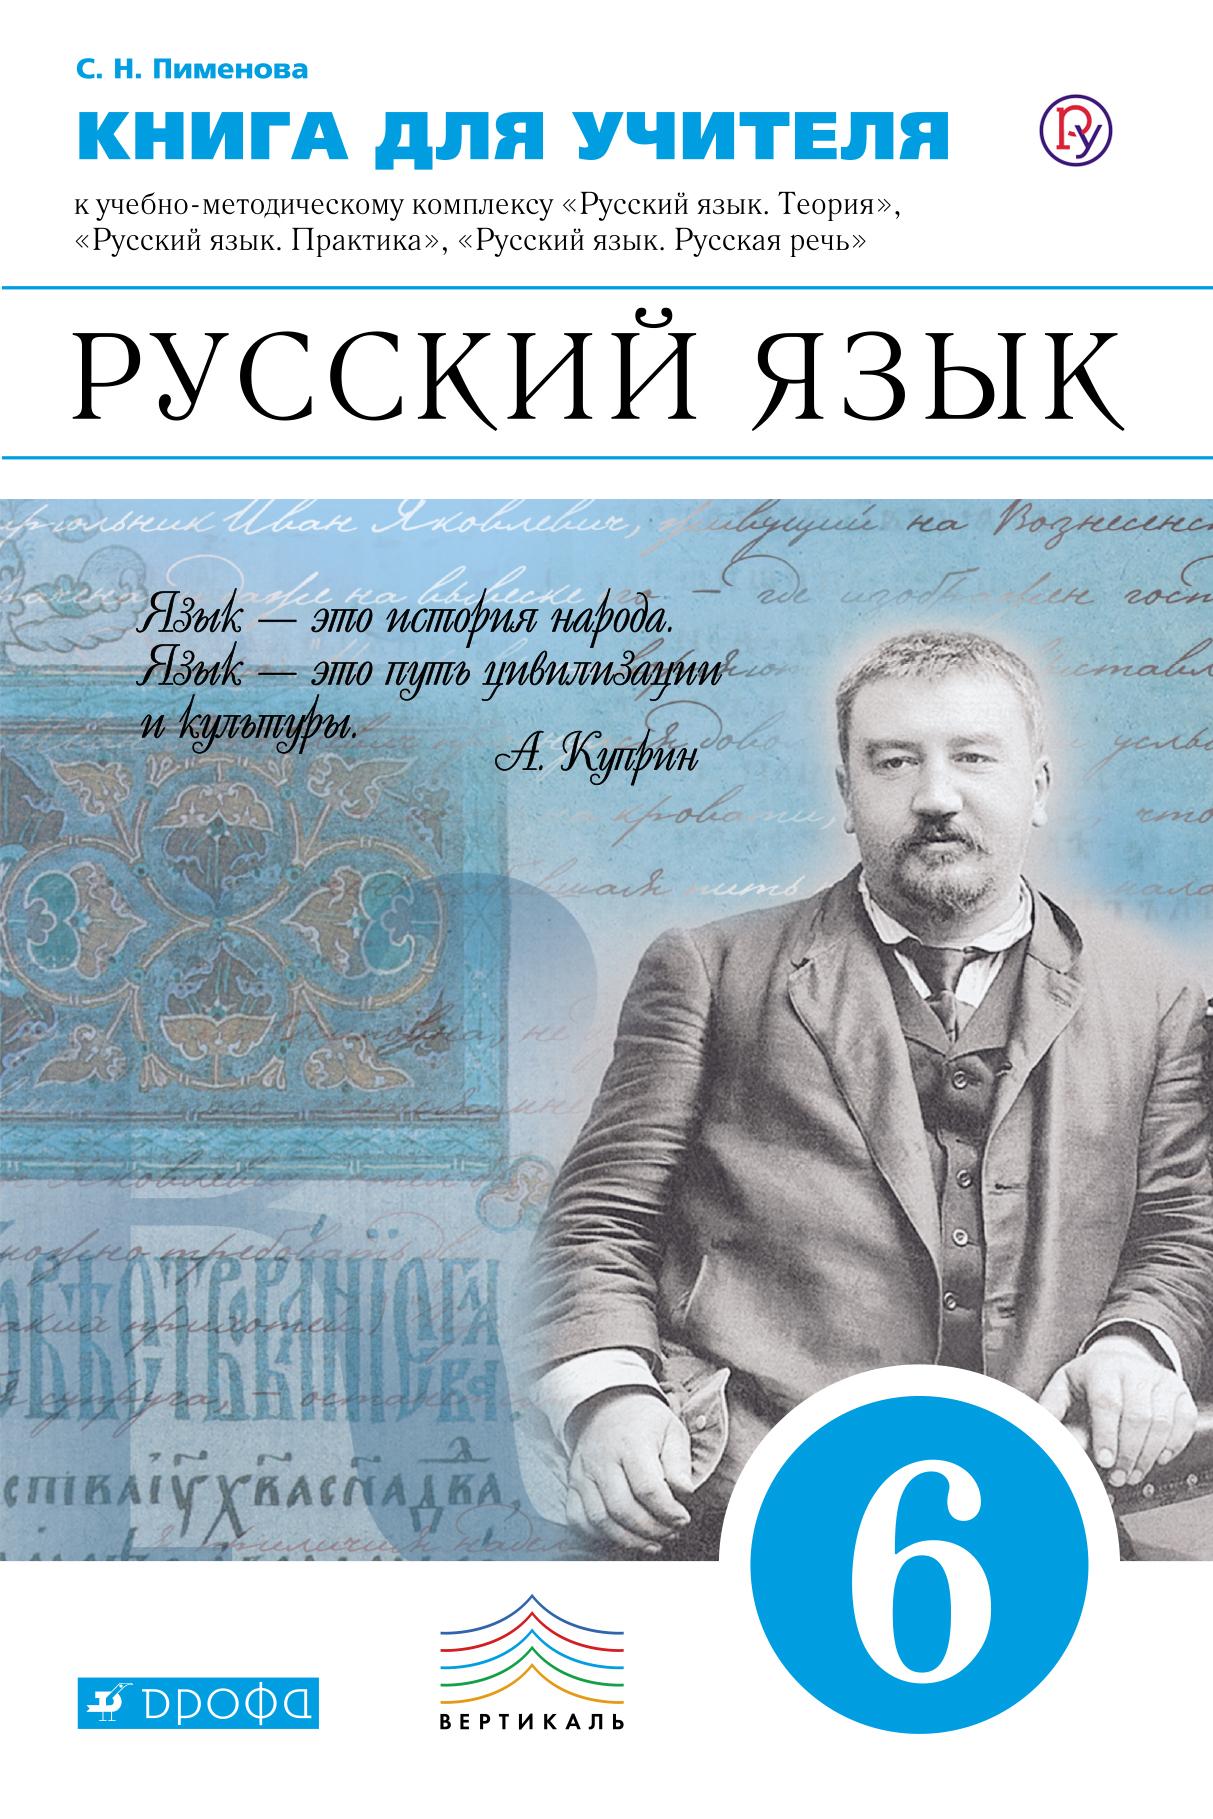 Русский язык. 6 кл. Книга для учителя. (Пименова).ВЕРТИКАЛЬ